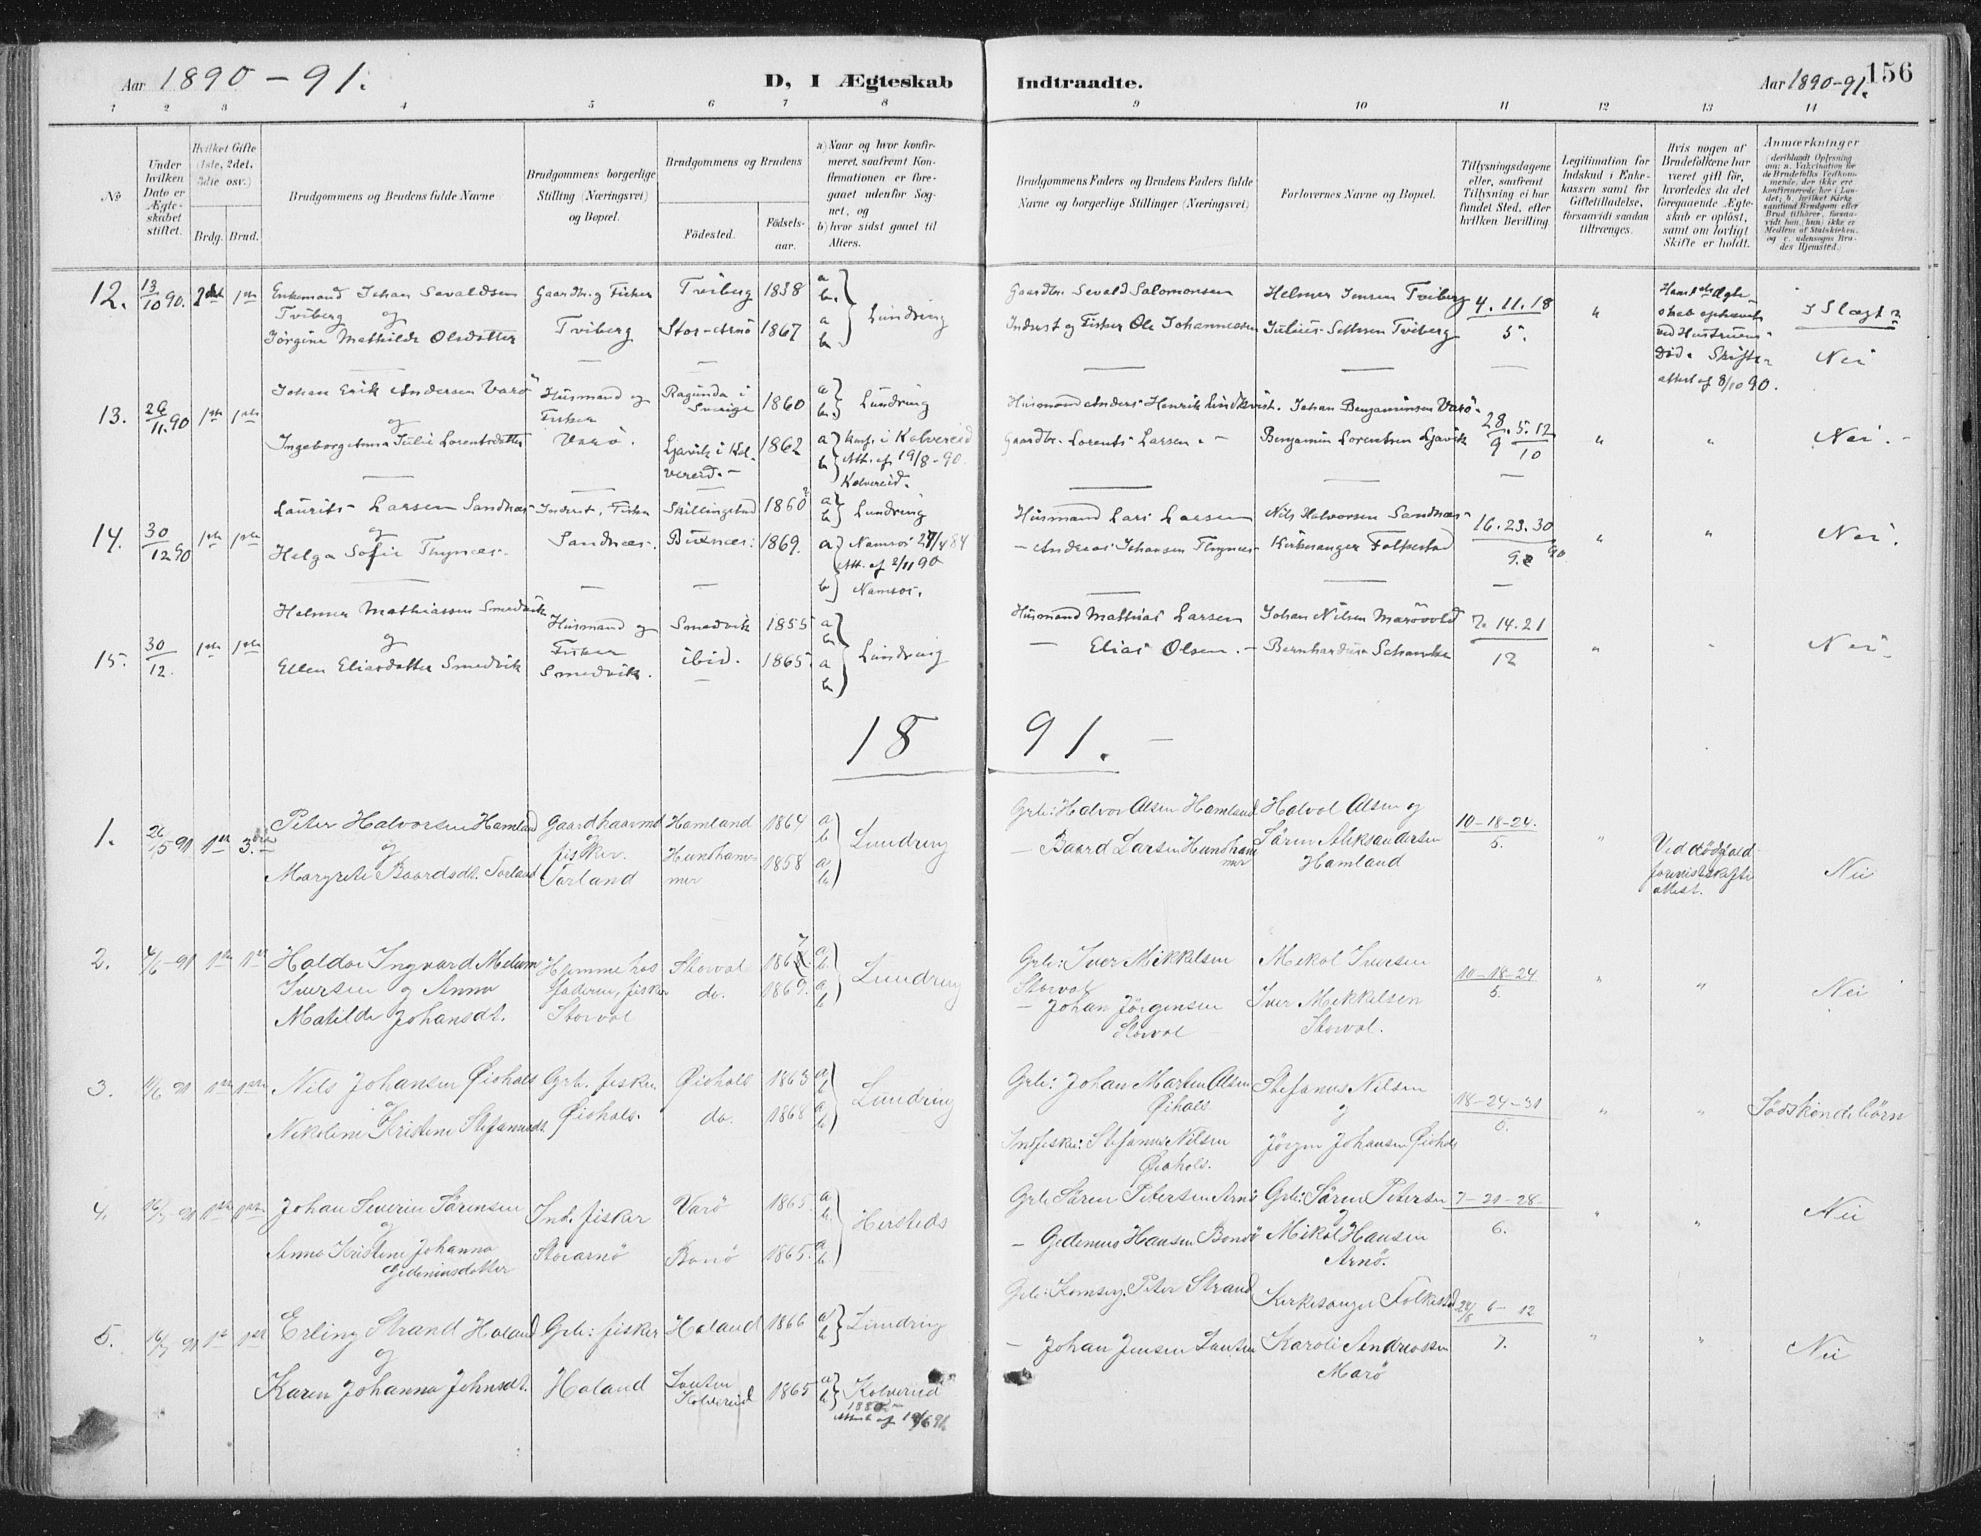 SAT, Ministerialprotokoller, klokkerbøker og fødselsregistre - Nord-Trøndelag, 784/L0673: Ministerialbok nr. 784A08, 1888-1899, s. 156